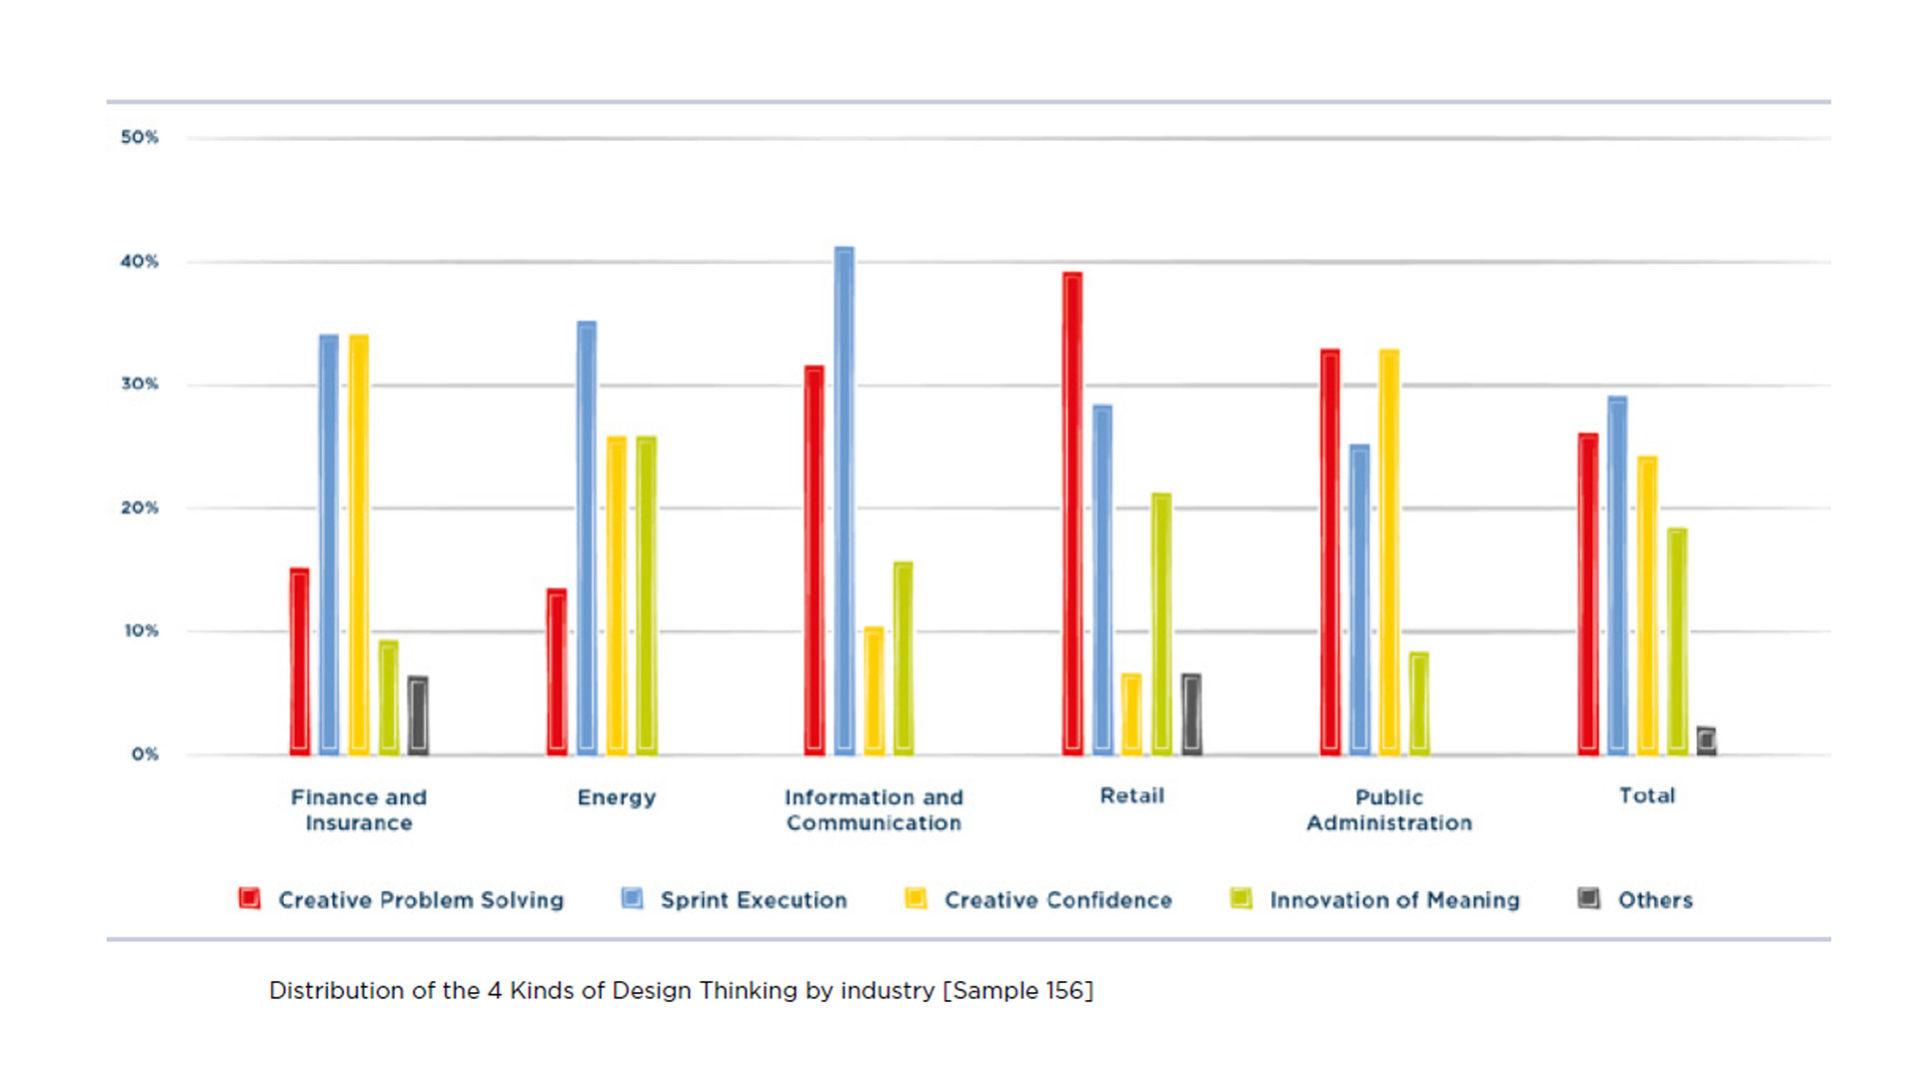 Grafico che mostra la Distribuzione dei diversi approcci di Design Thinking nei principali settori di adozione